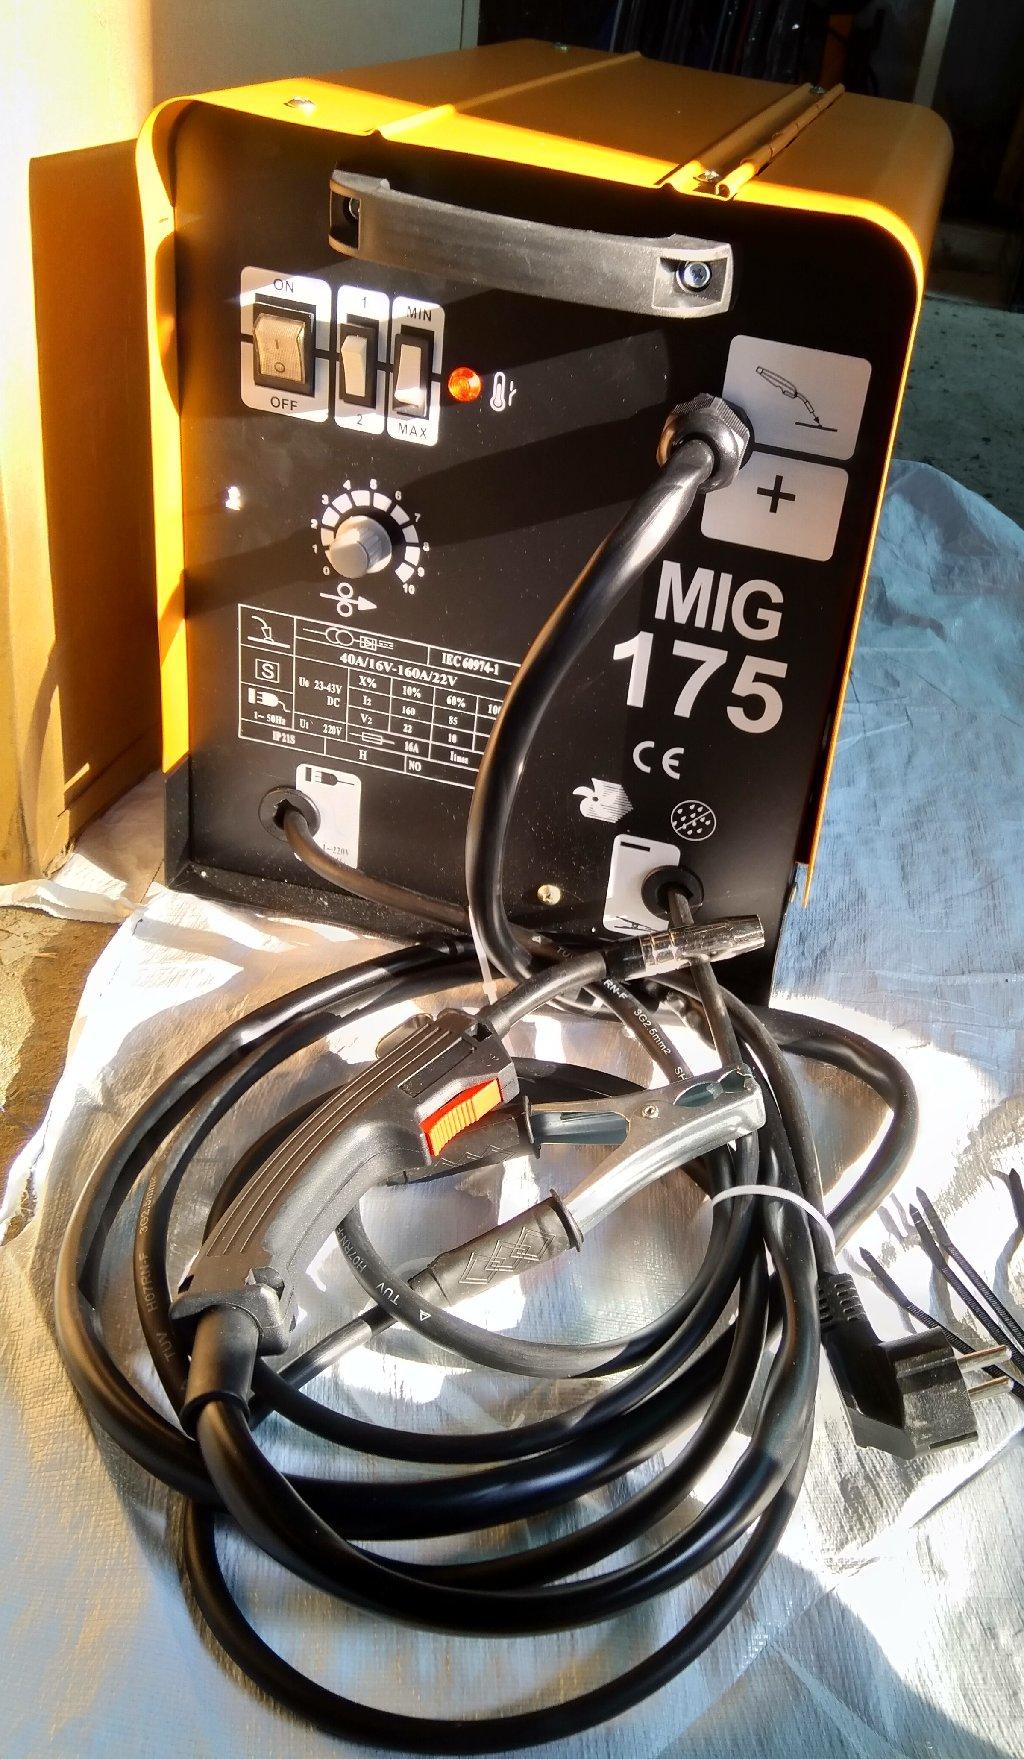 Ηλεκτροκόλληση σύρµατος MIG 175A τροχήλατη προσφέρει κόλληση με αέριο και χωρίς αέριο, κολλάει σίδηρο ινοξ αλουμίνιο flux Ικανοποιεί τις ανάγκες και των πιο απαιτητικών µε την µεγάλη αντοχή κατά τη χρήση, τις υψηλές αποδόσεις και την ποιότητα της συγκόλλησης που προσφέρει